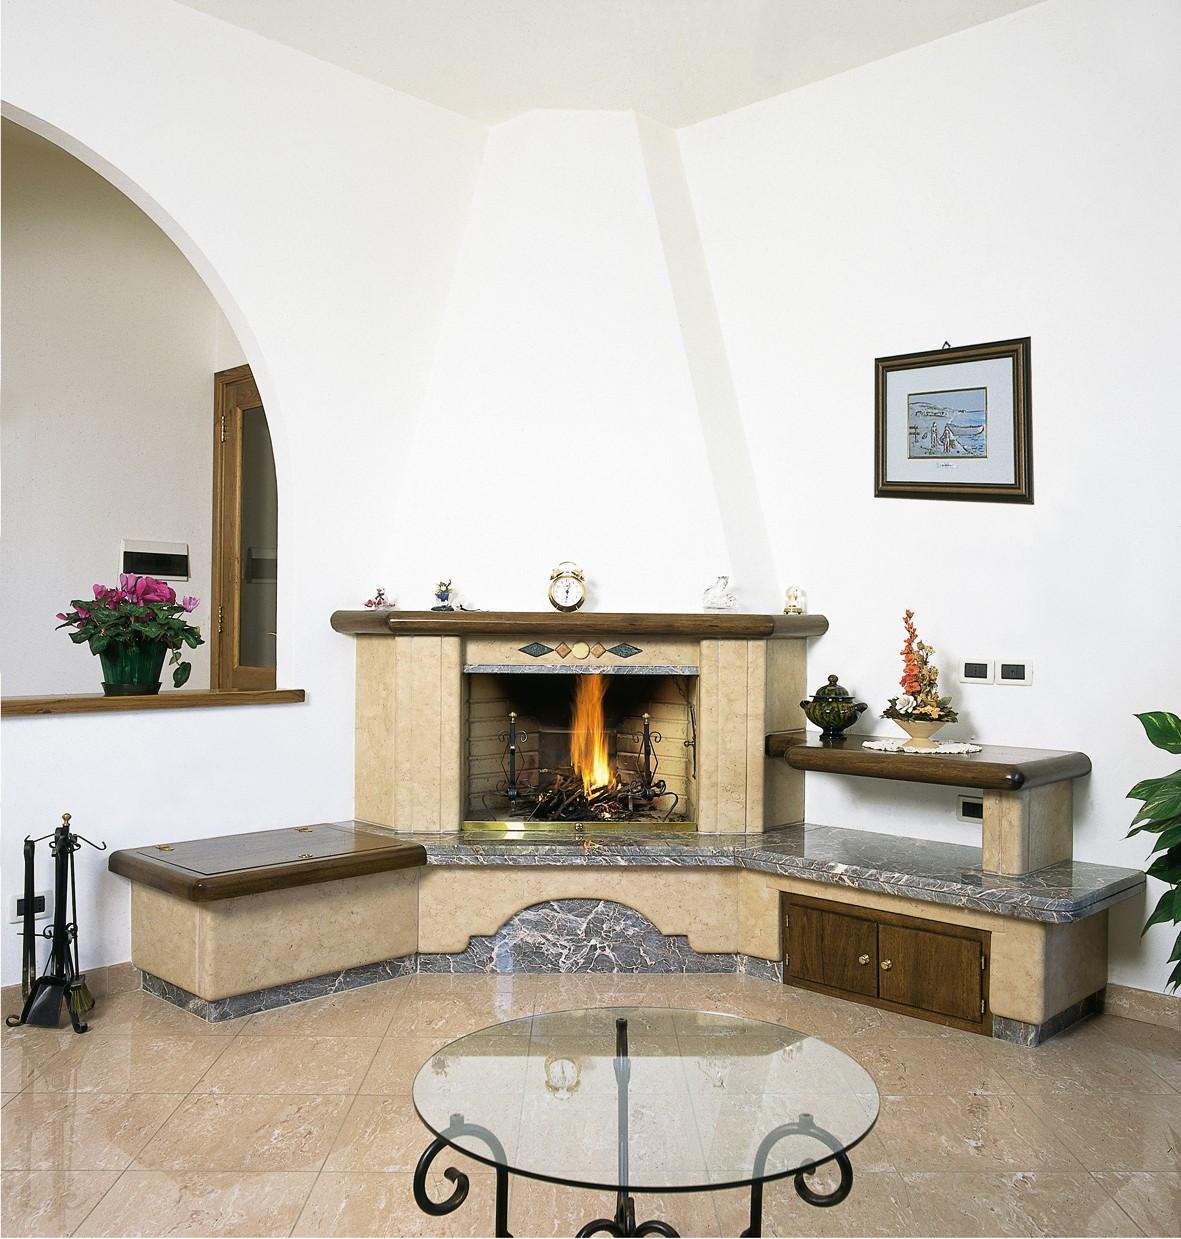 Caminetto in travertino caminetto moderno 587 toscana - Caminetti moderni a parete ...